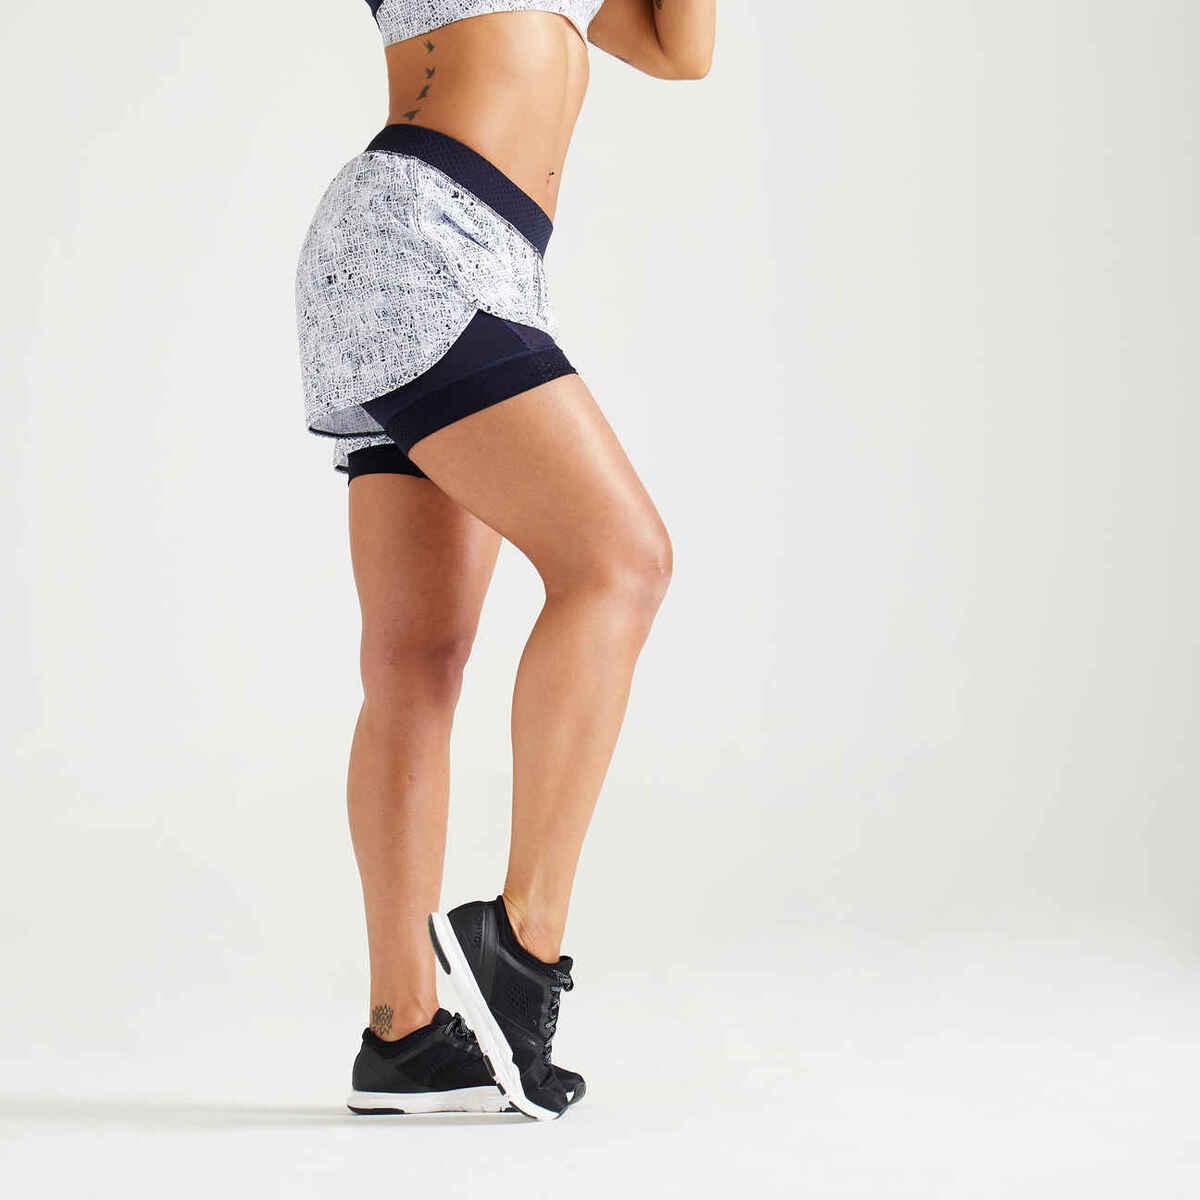 Bild 1 von Shorts 900 Fitness Cardio Damen weiss